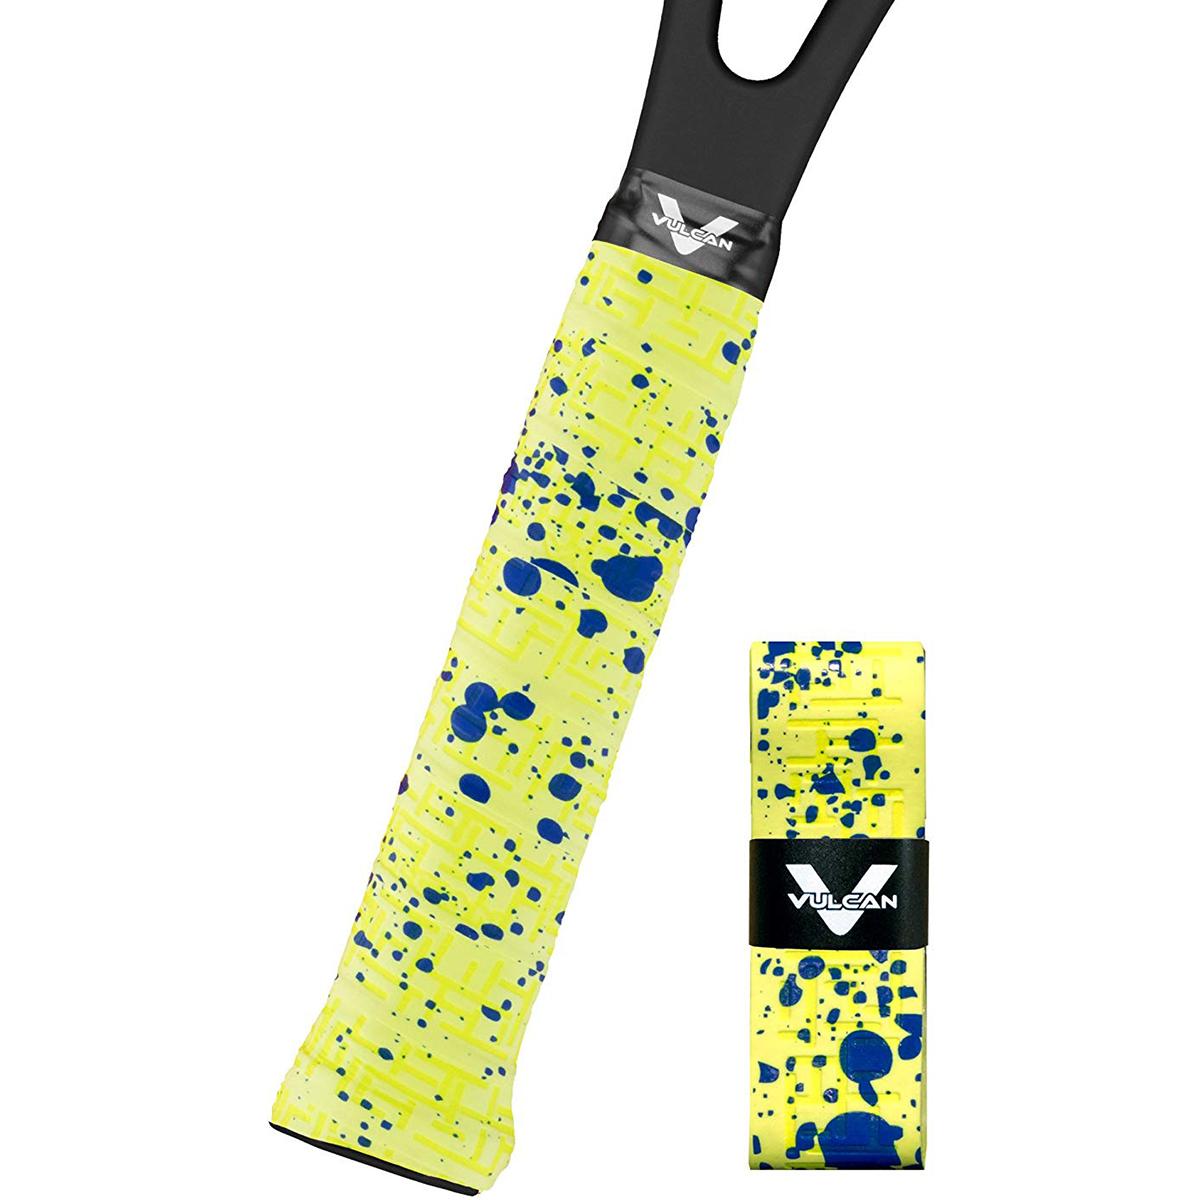 Vulcan-Max-Trend-Max-Tour-50mm-Tennis-Racquet-Overgrips-3-Pack miniature 4